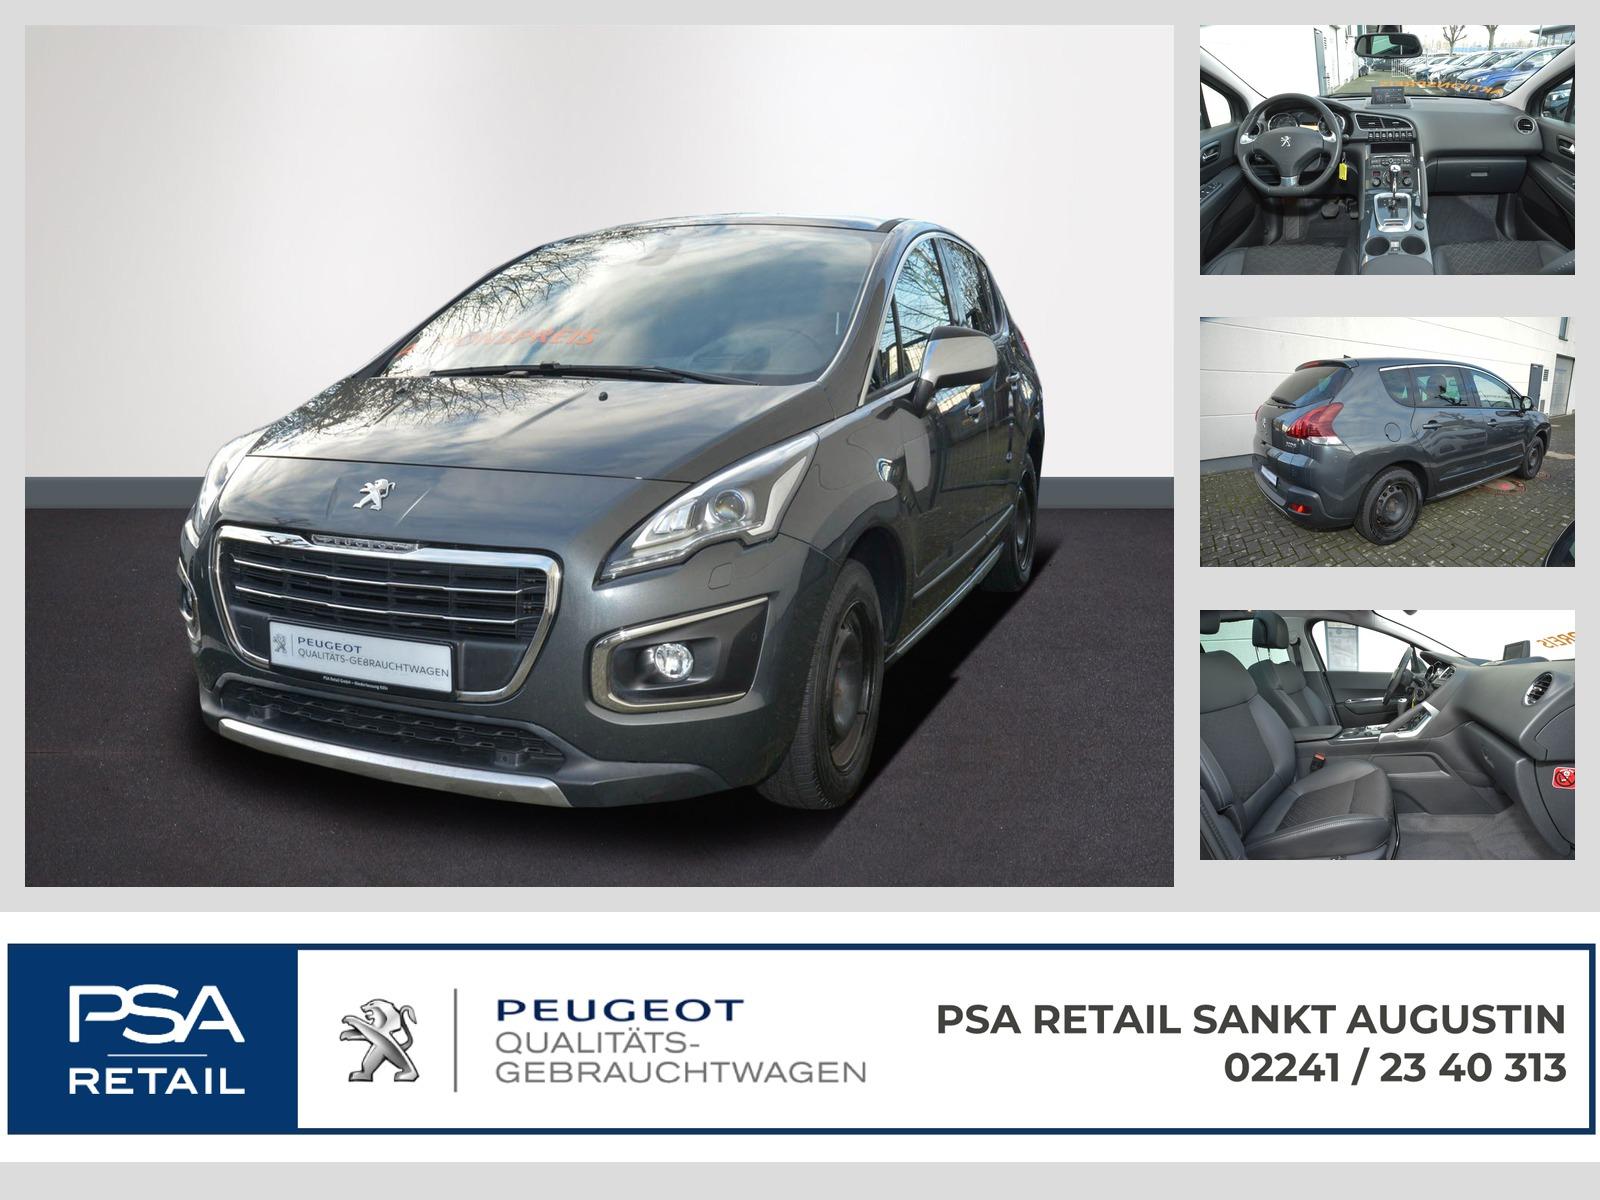 Peugeot 3008 Allure HDi FAP 160 Autom. Navi Xenon SHZ GDach, Jahr 2015, Diesel